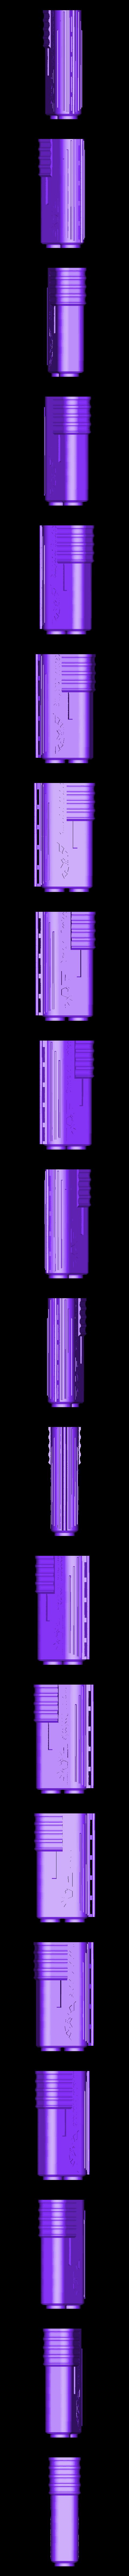 shotgun_front.stl Télécharger fichier STL gratuit Fusil de chasse Warhammer 40k arbites • Modèle pour impression 3D, Lance_Greene